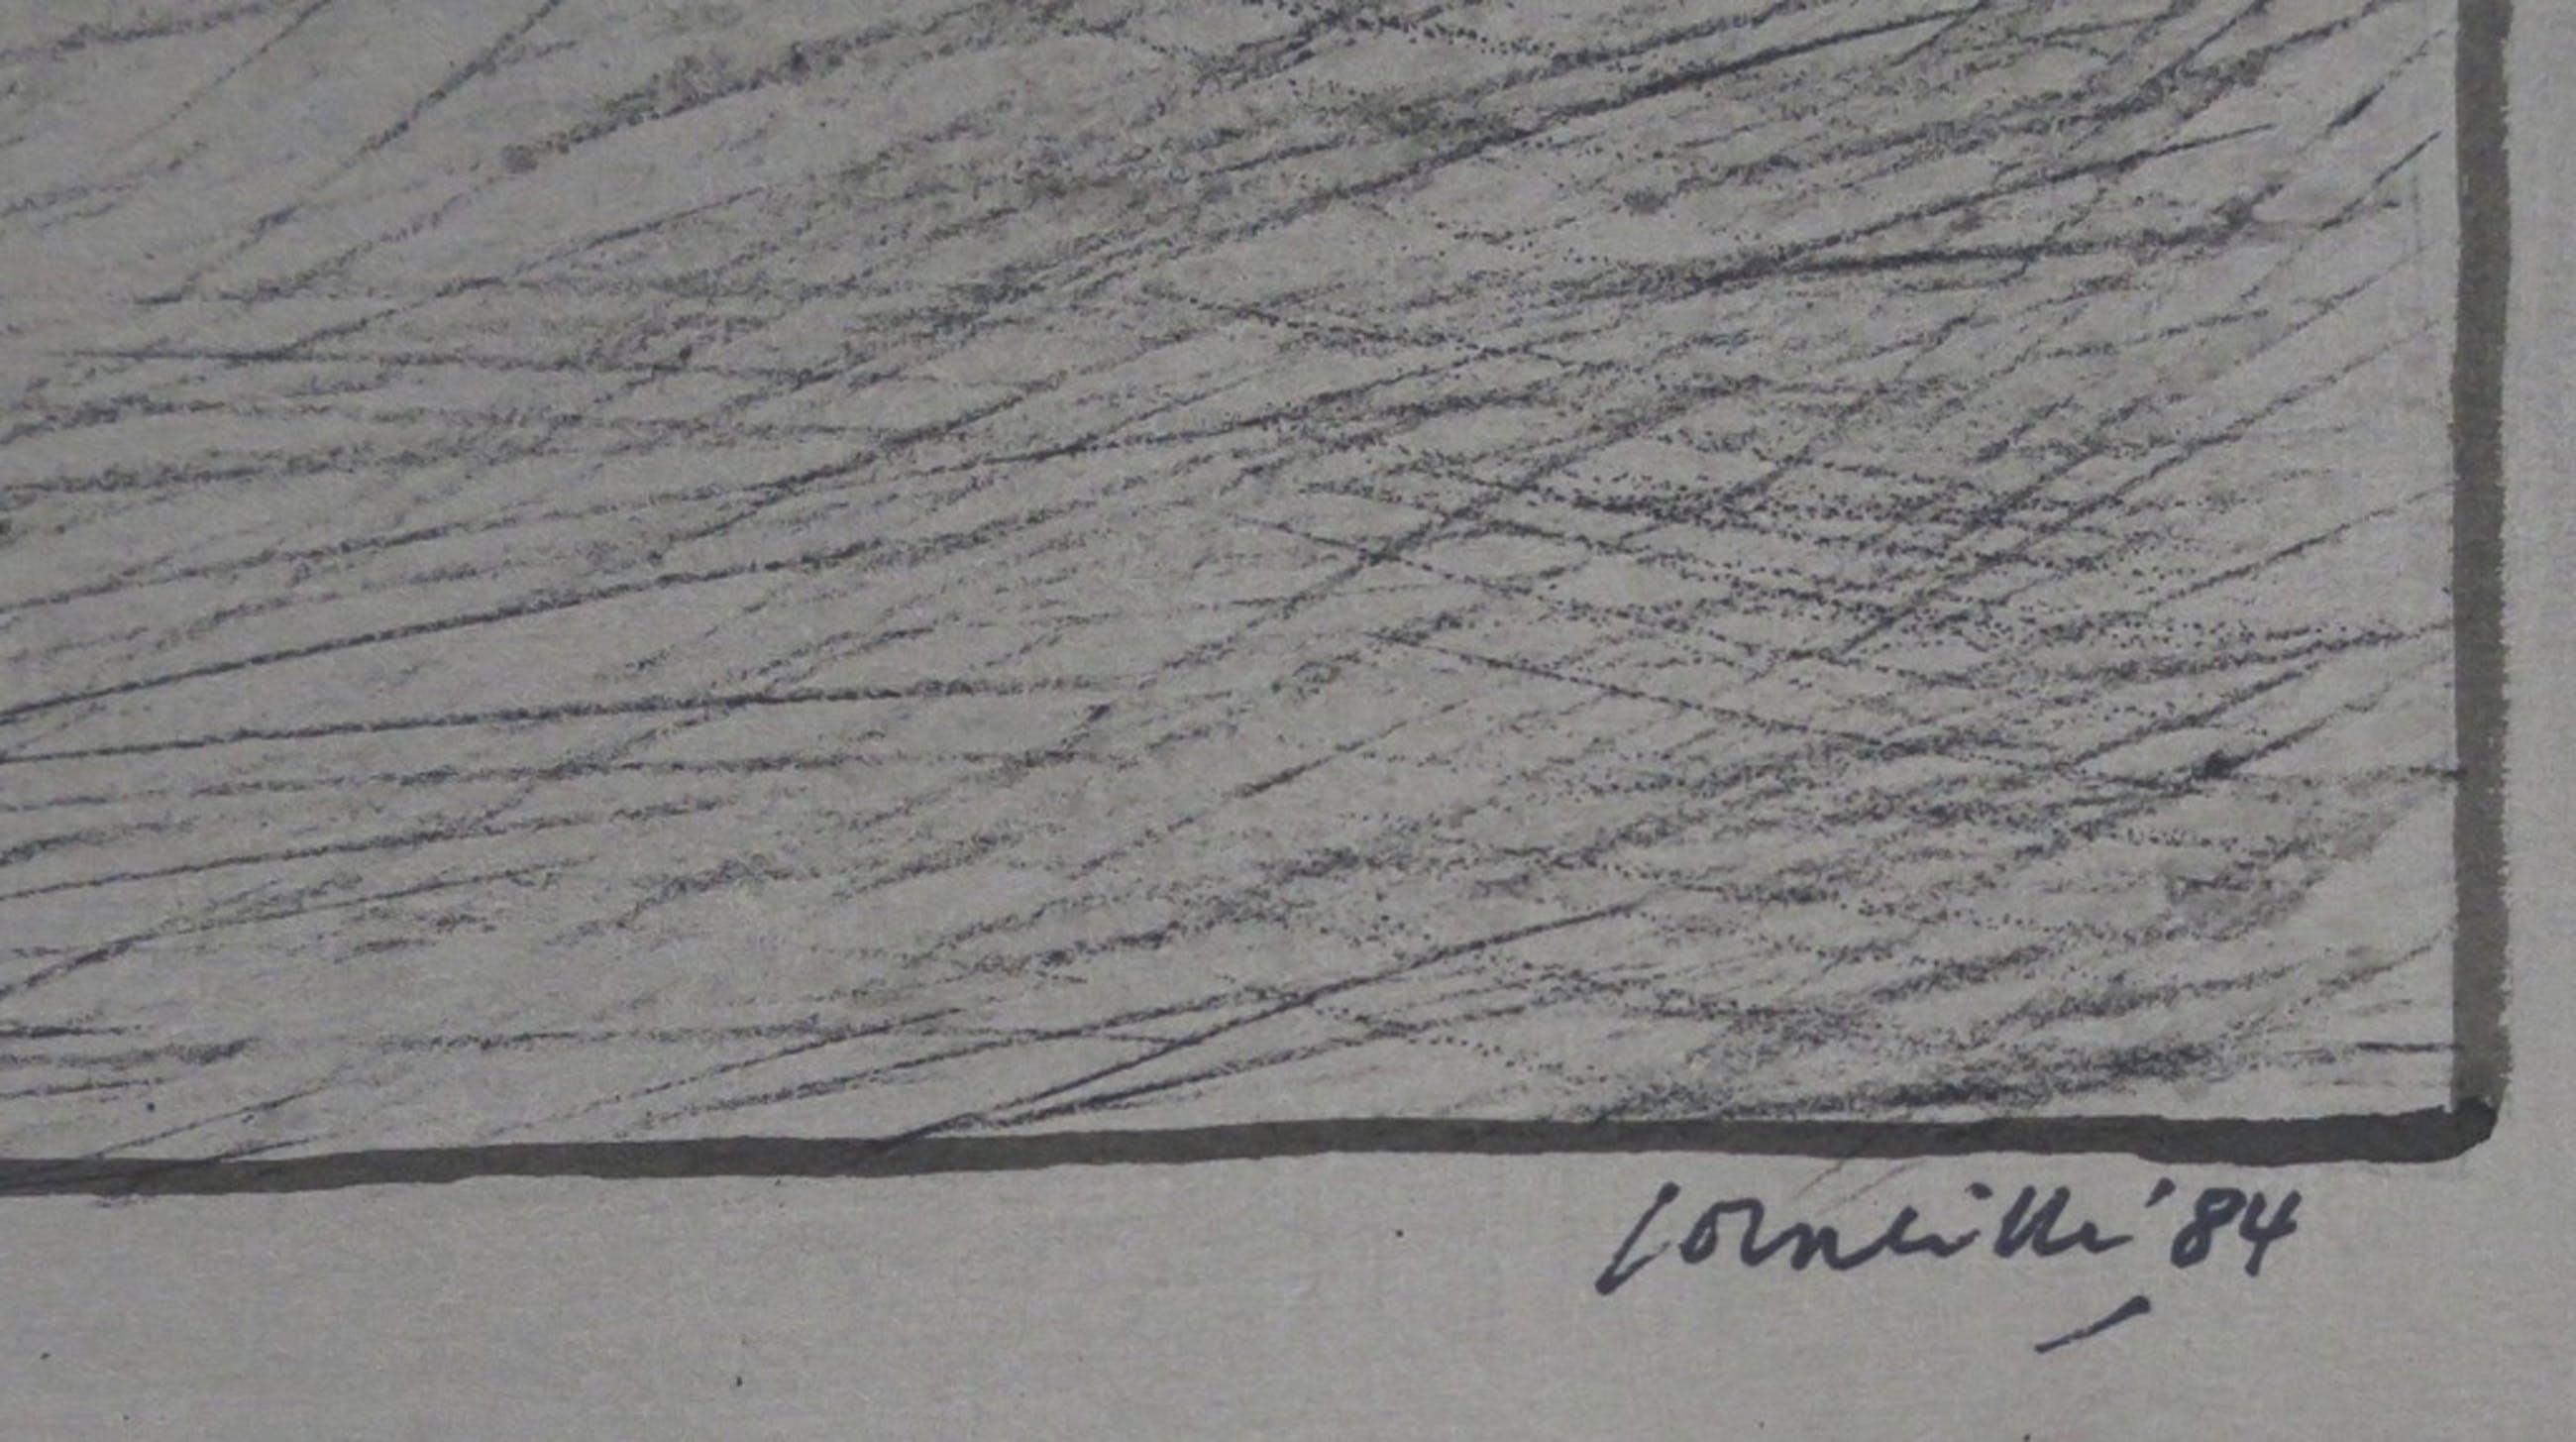 Corneille: Unieke handgekleurde litho, Memoire de Japon kopen? Bied vanaf 950!